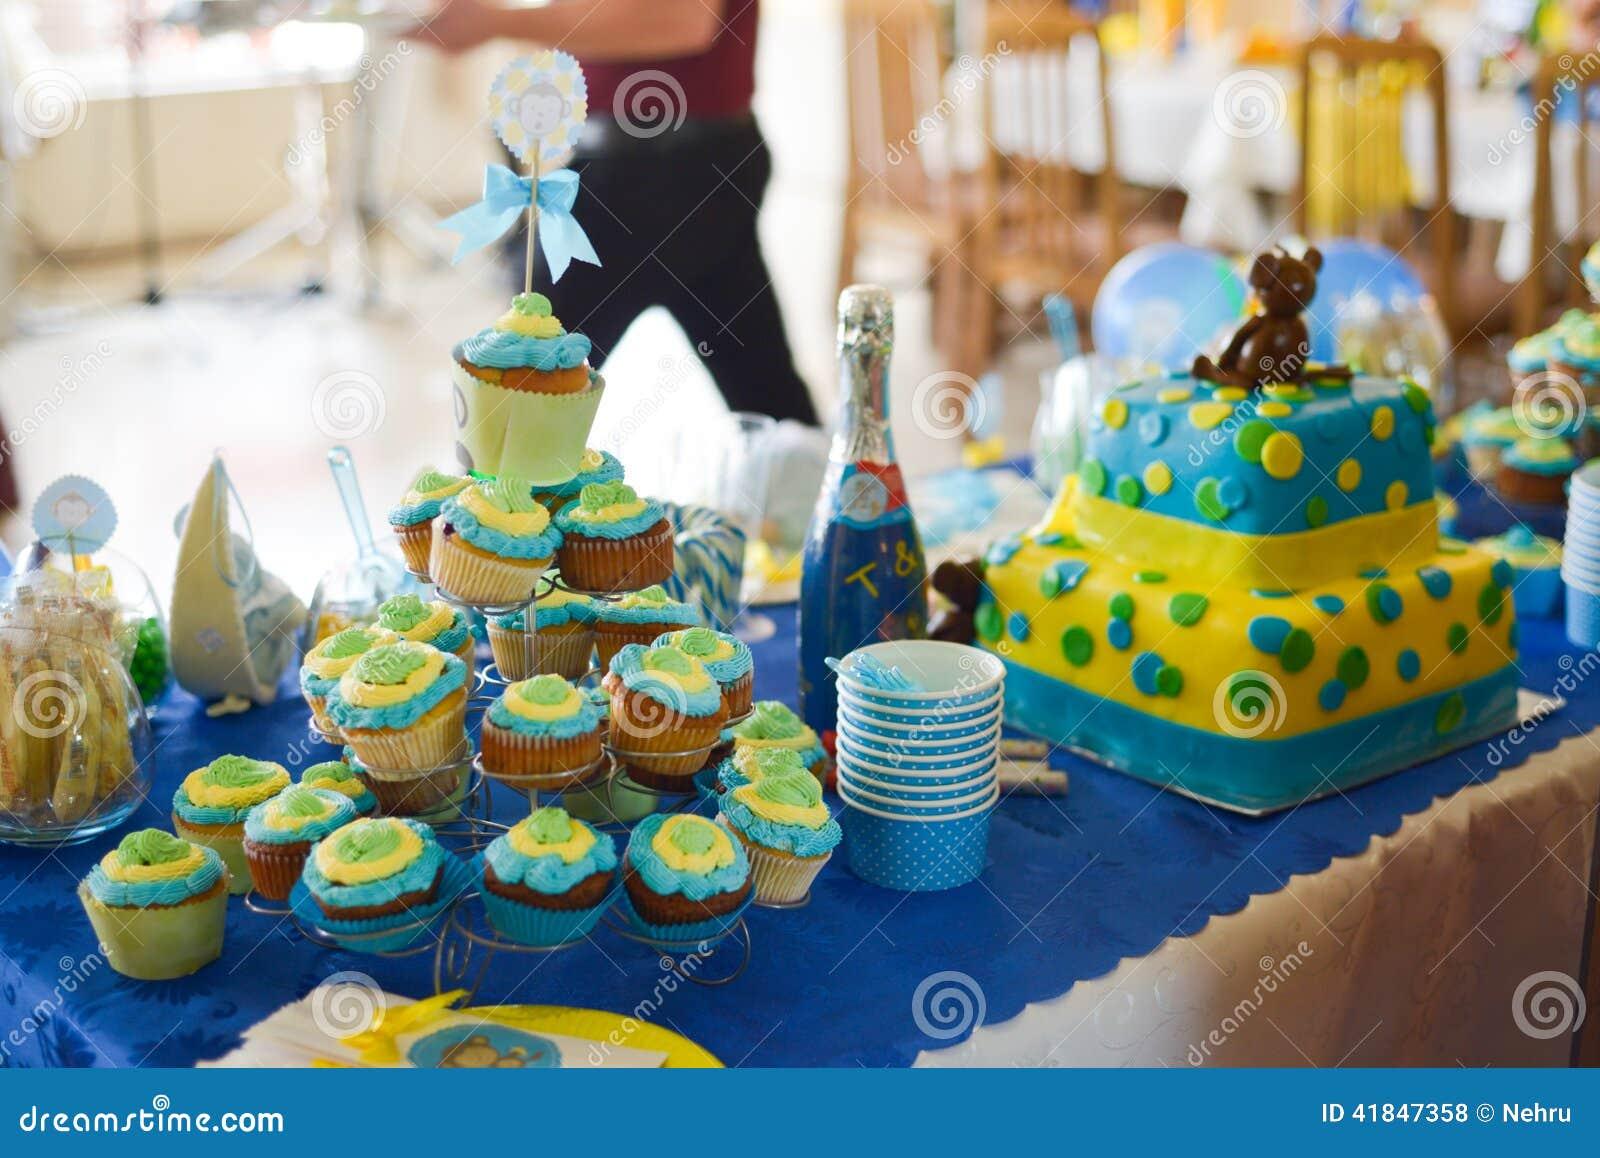 L 39 anniversaire de b b gar on a d cor la table photo stock image 41847358 - Deco anniversaire bebe garcon ...